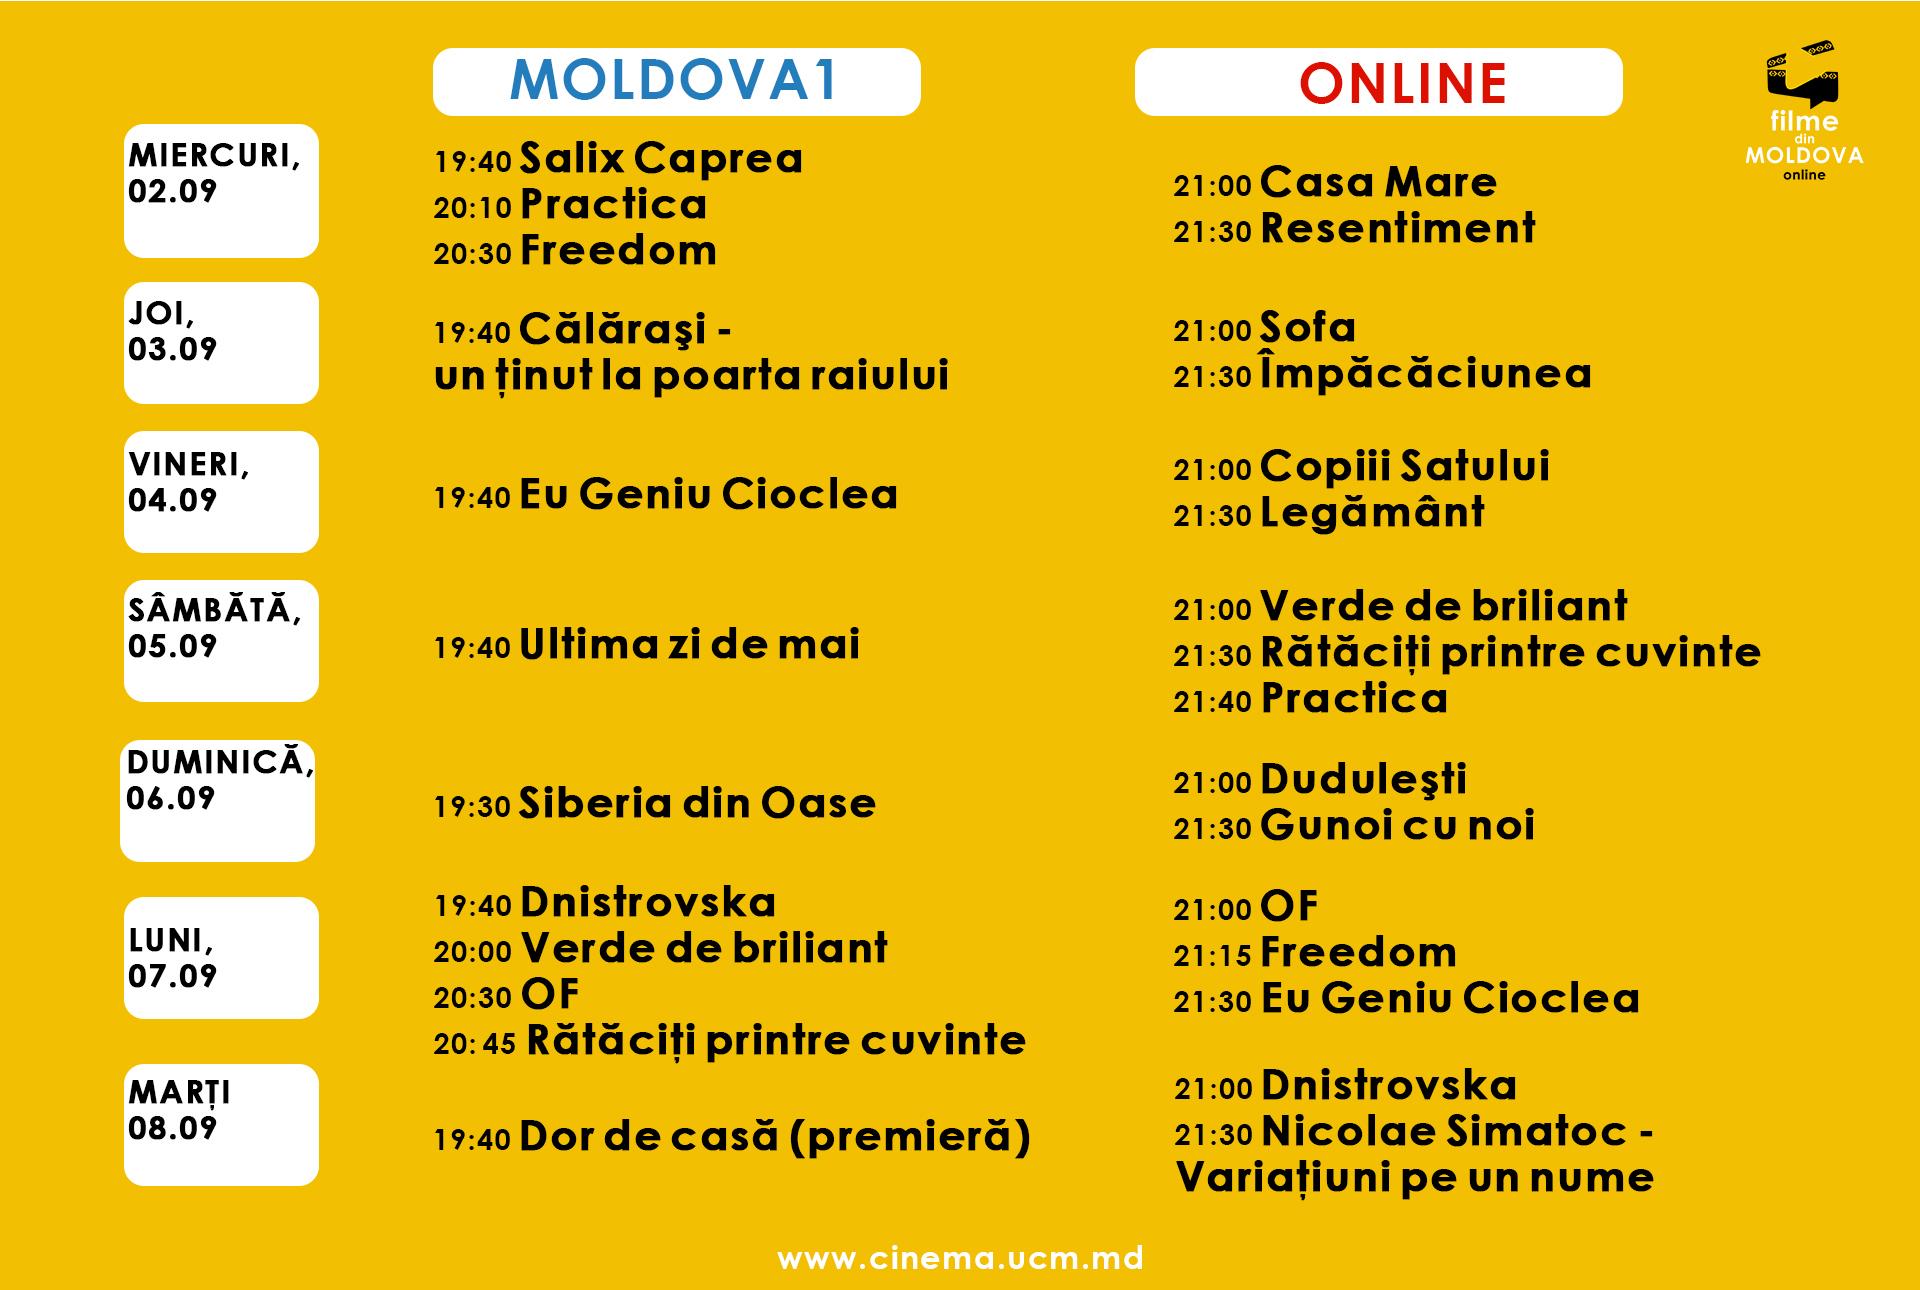 """22 de filme moldovenești vor fi difuzate în cadrul proiectului """"Filme din Moldova – online"""", în perioada 2-8 septembrie"""